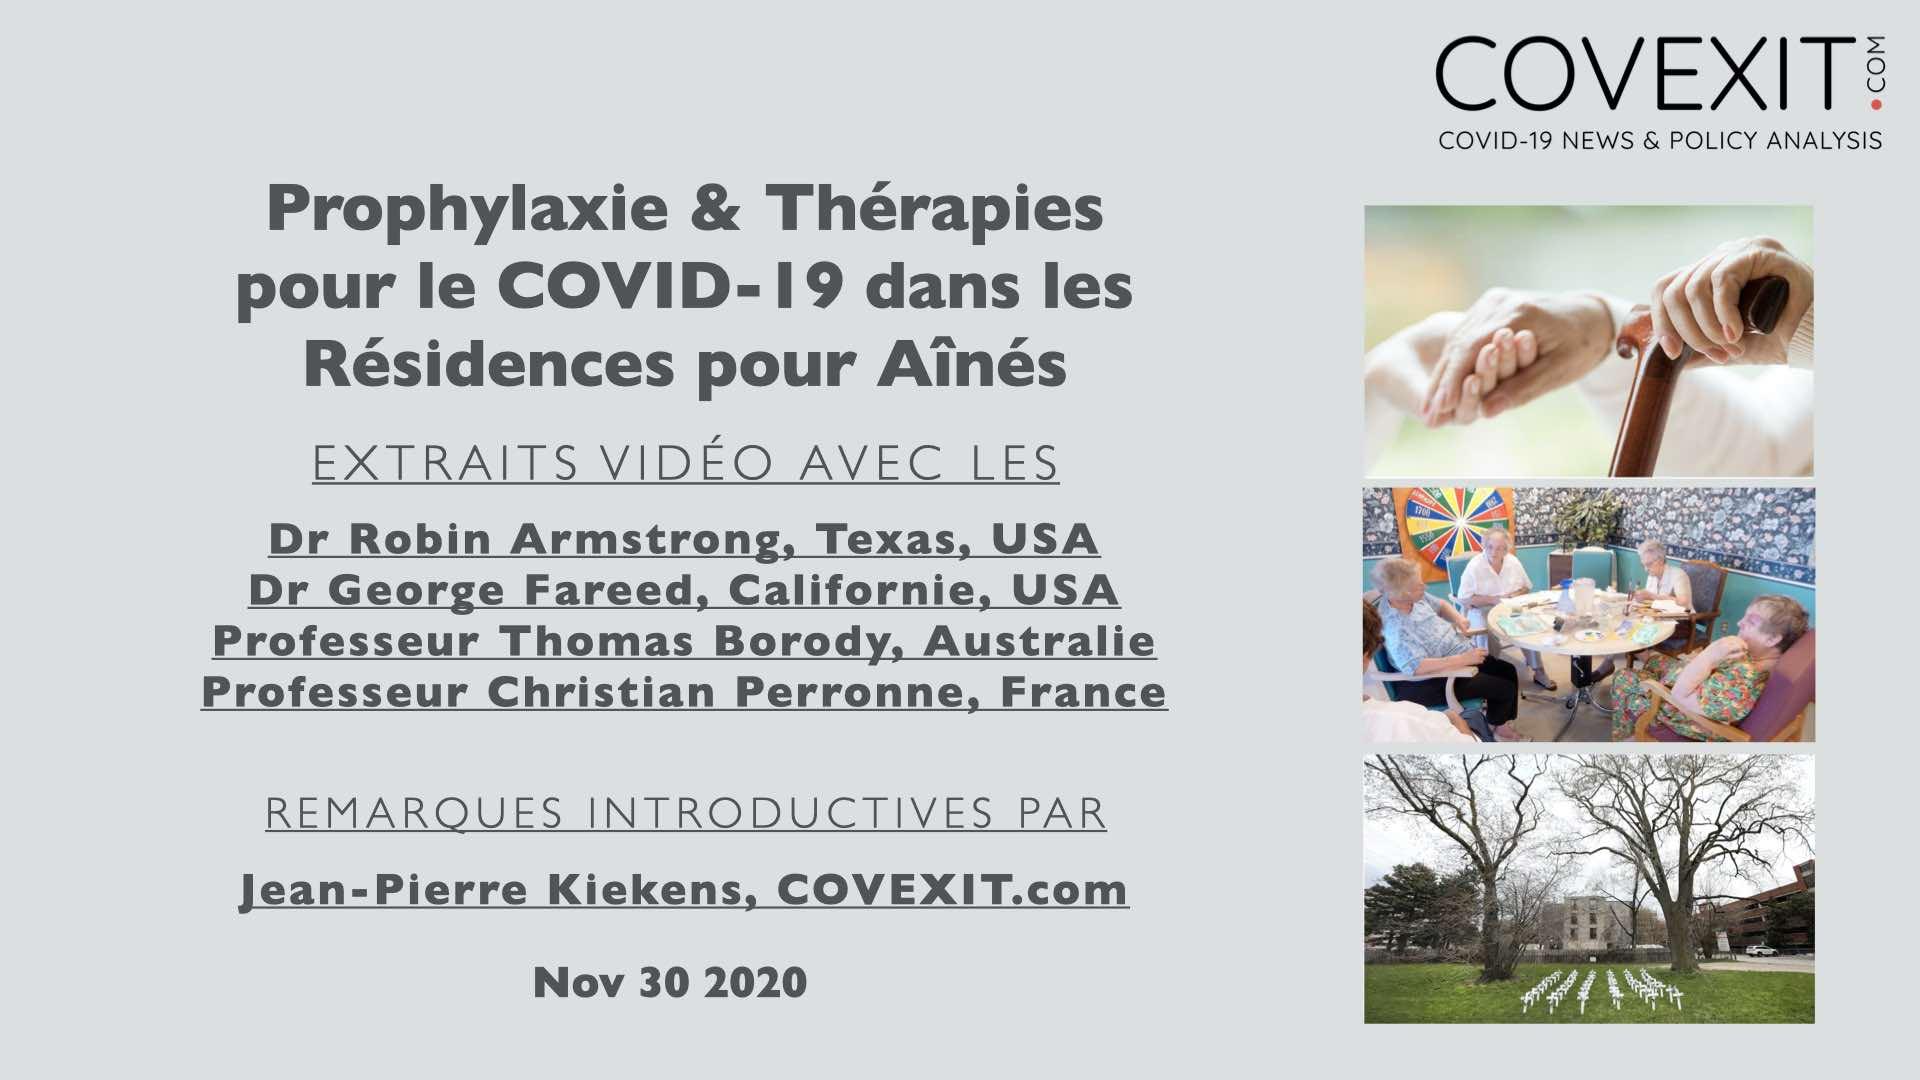 Prophylaxie et traitement du COVID-19 dans les résidences pour personnes âgées